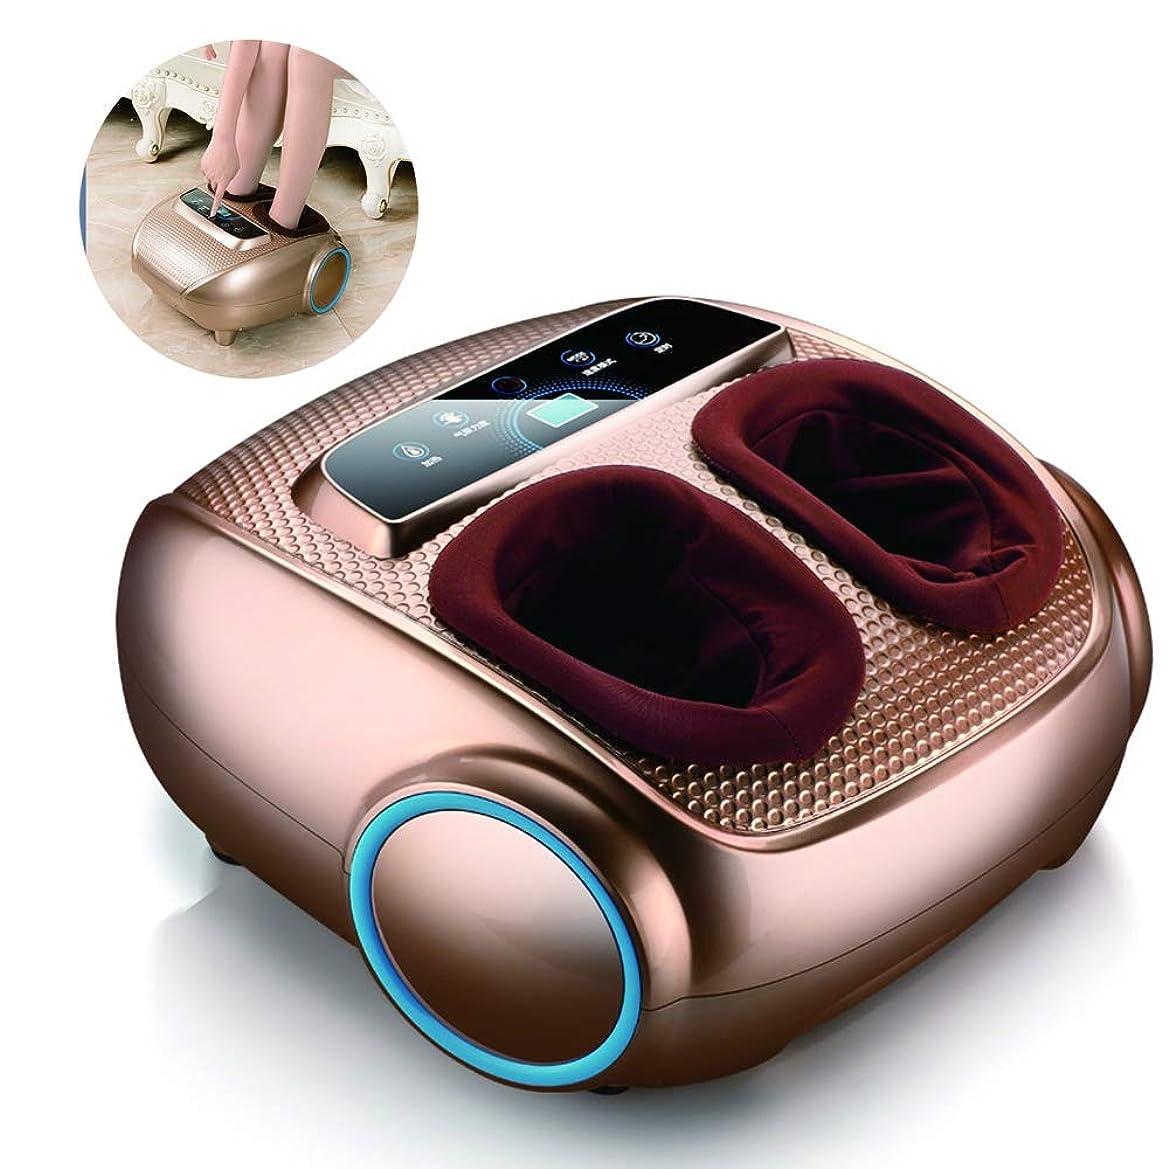 属性ウェイター宗教的なフットマッサージャー足の筋肉の救済、足底筋膜炎のための熱の電気深い混練マッサージ空気圧縮を備えた足マッサージ機